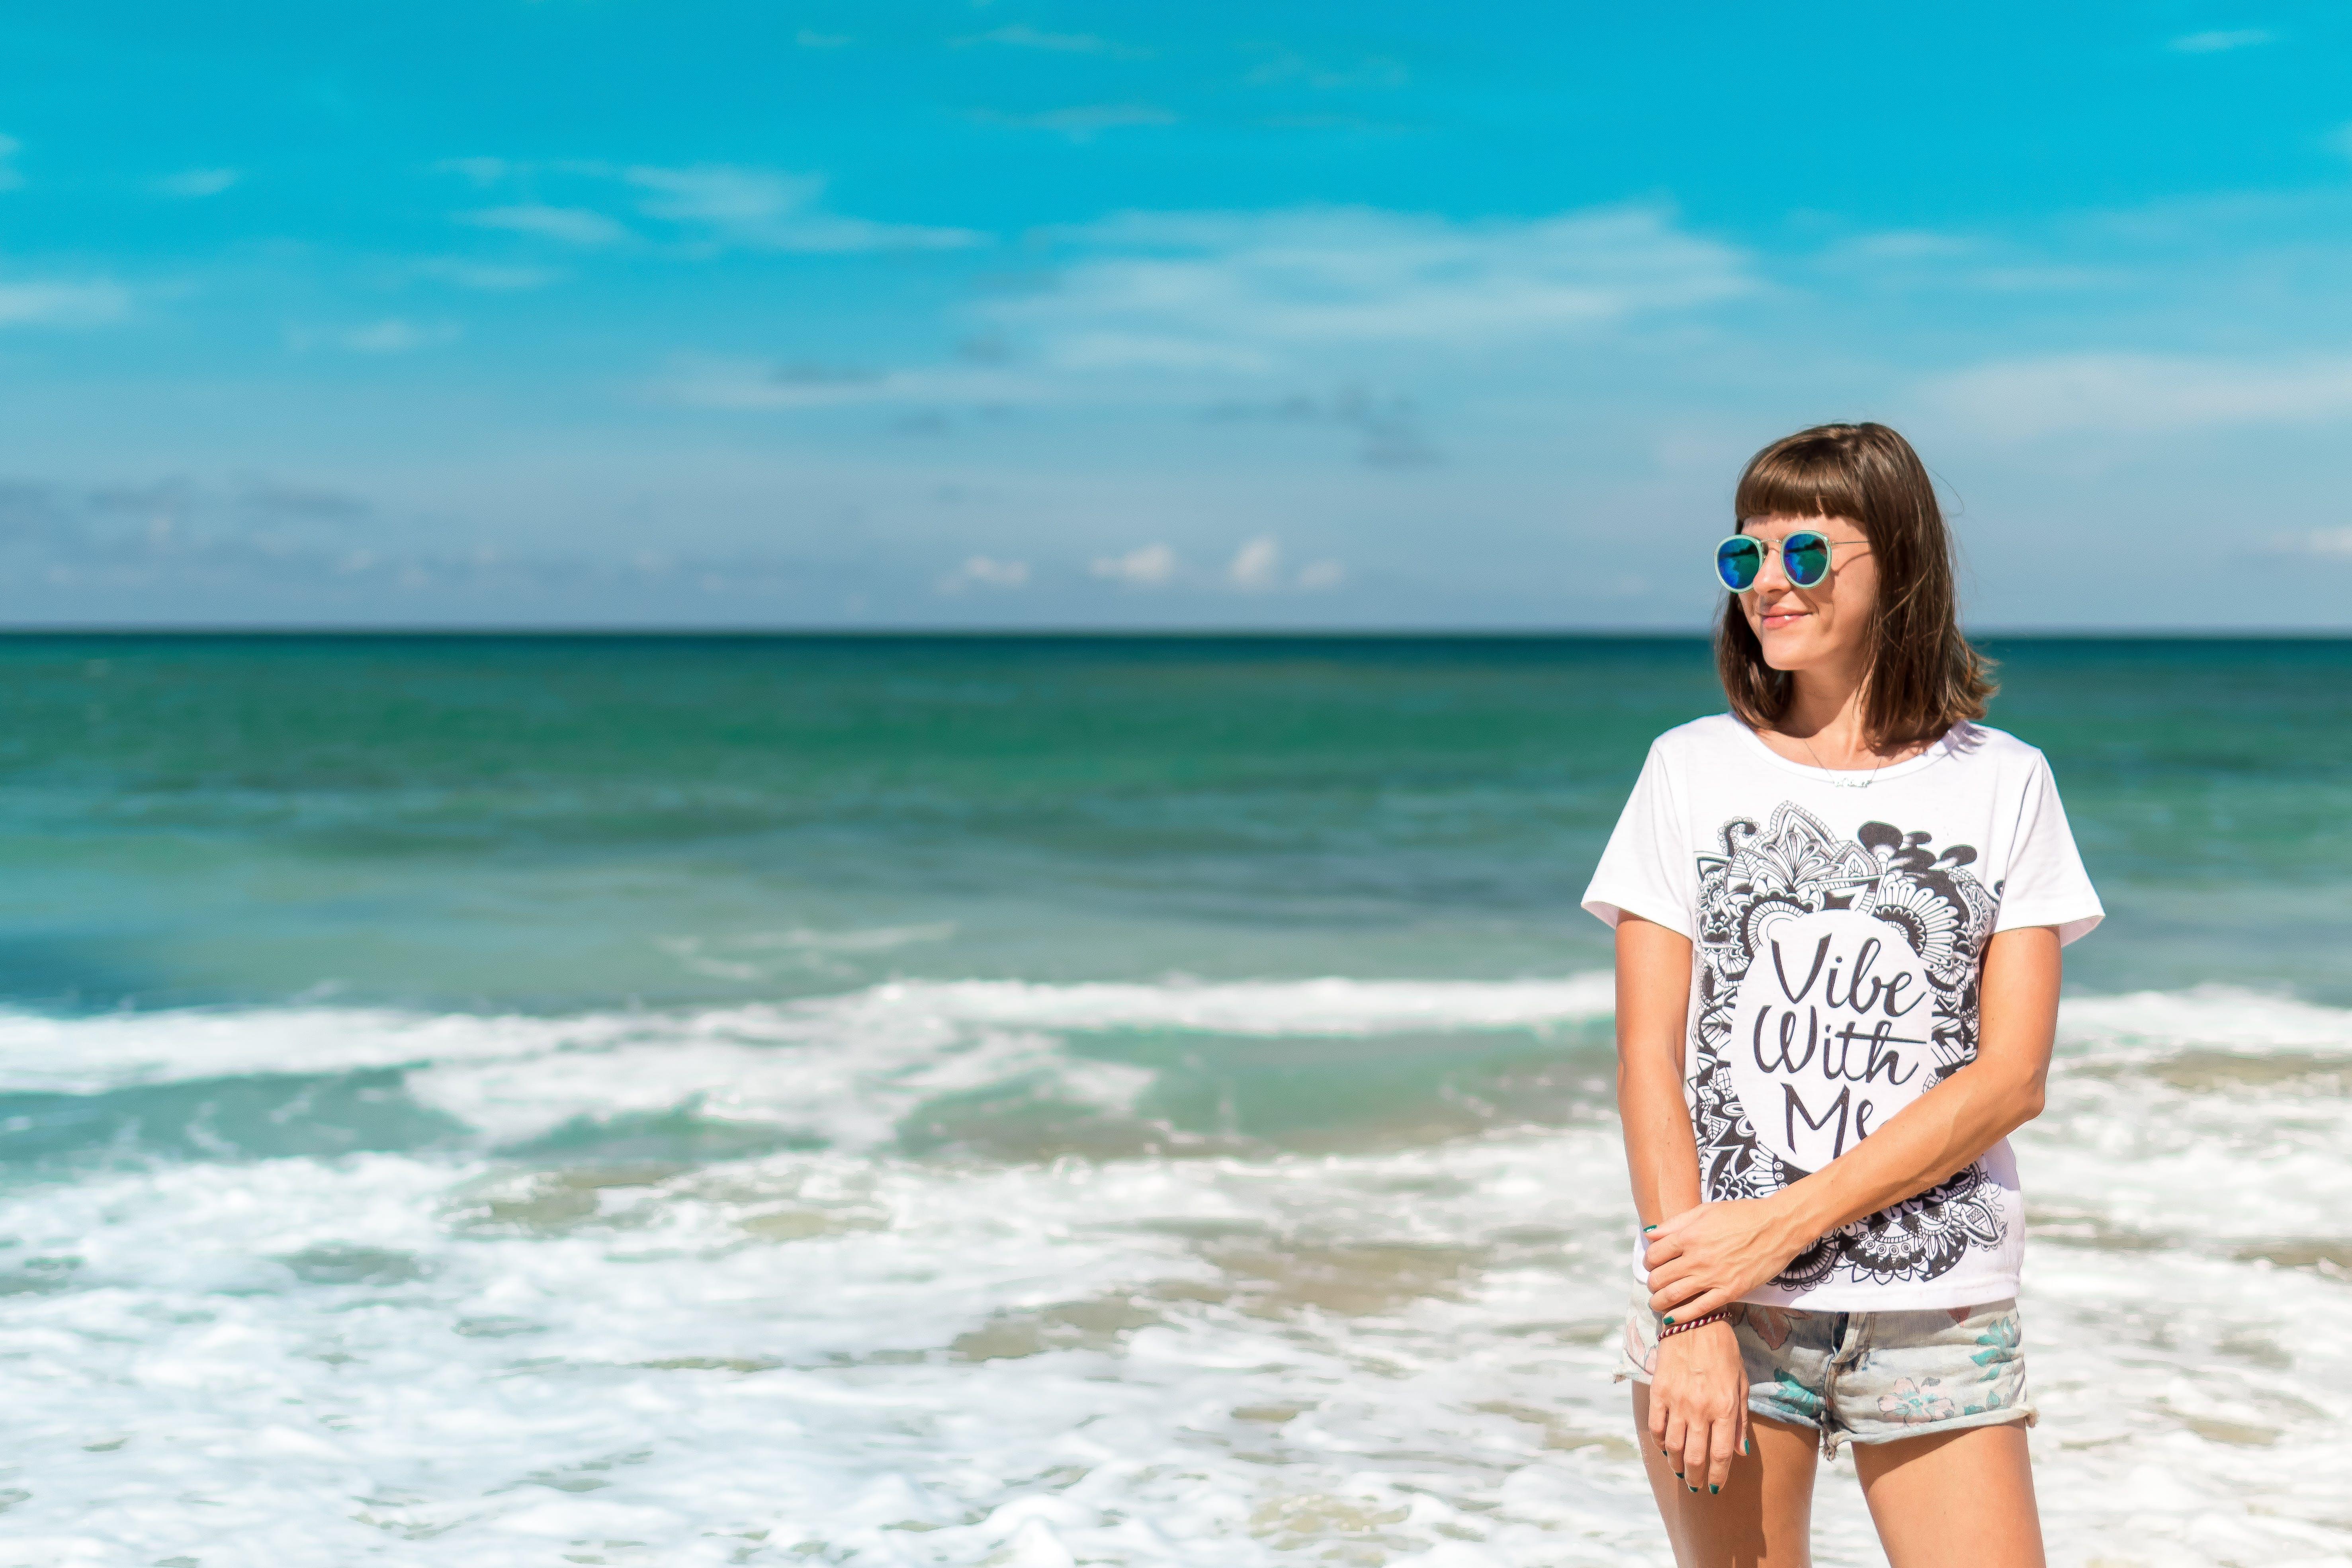 Woman in White Crew-neck Shirt Near Sea Shore